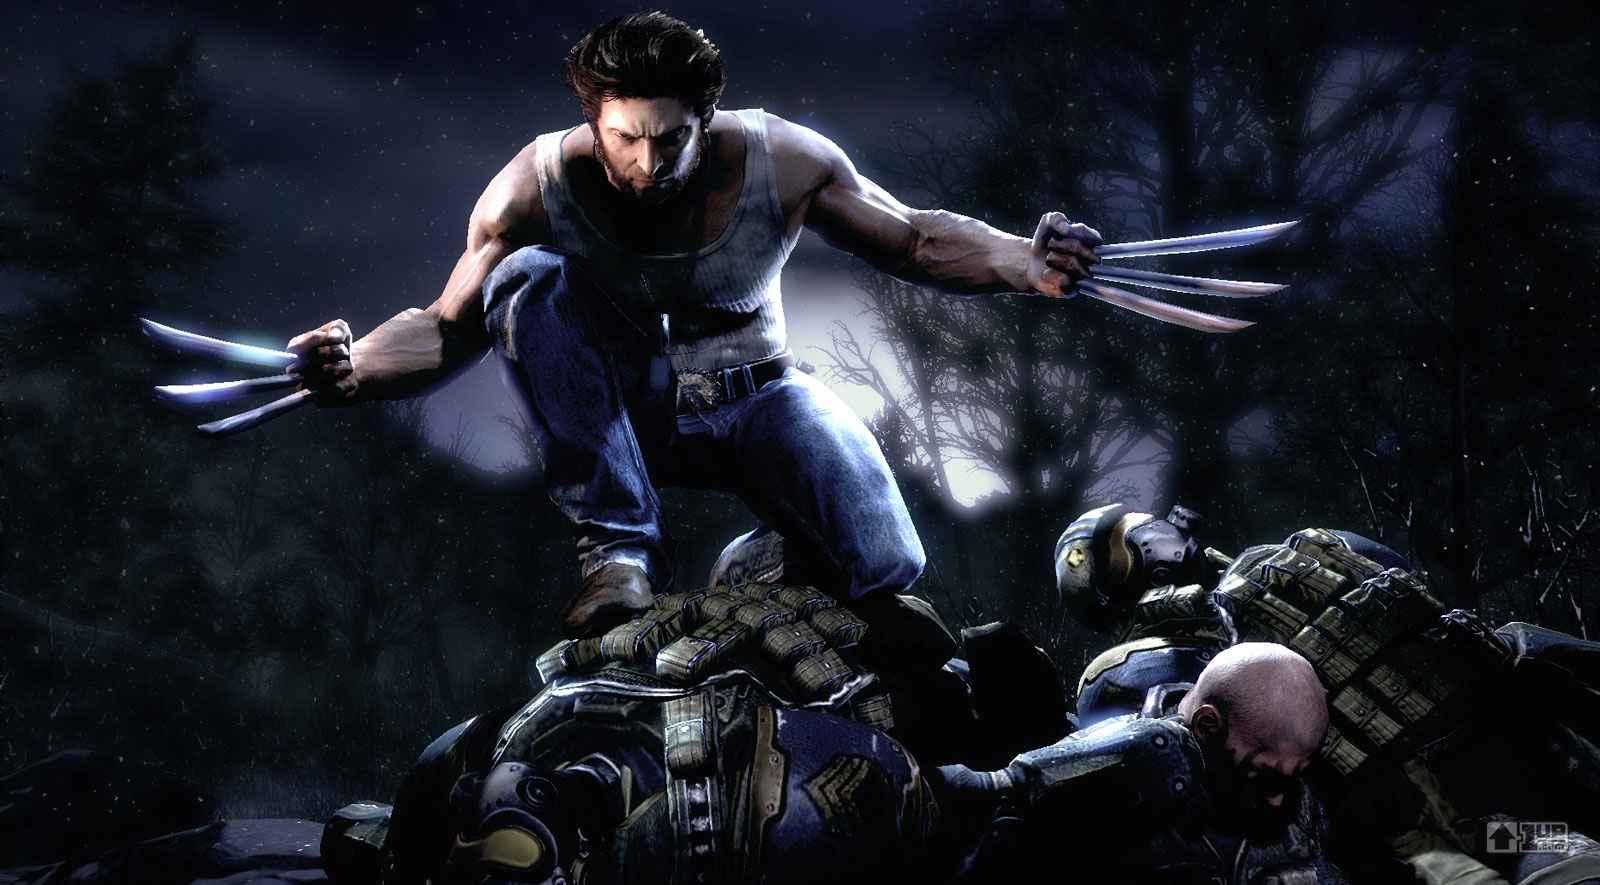 Image result for x men origins wolverine game wallpaper